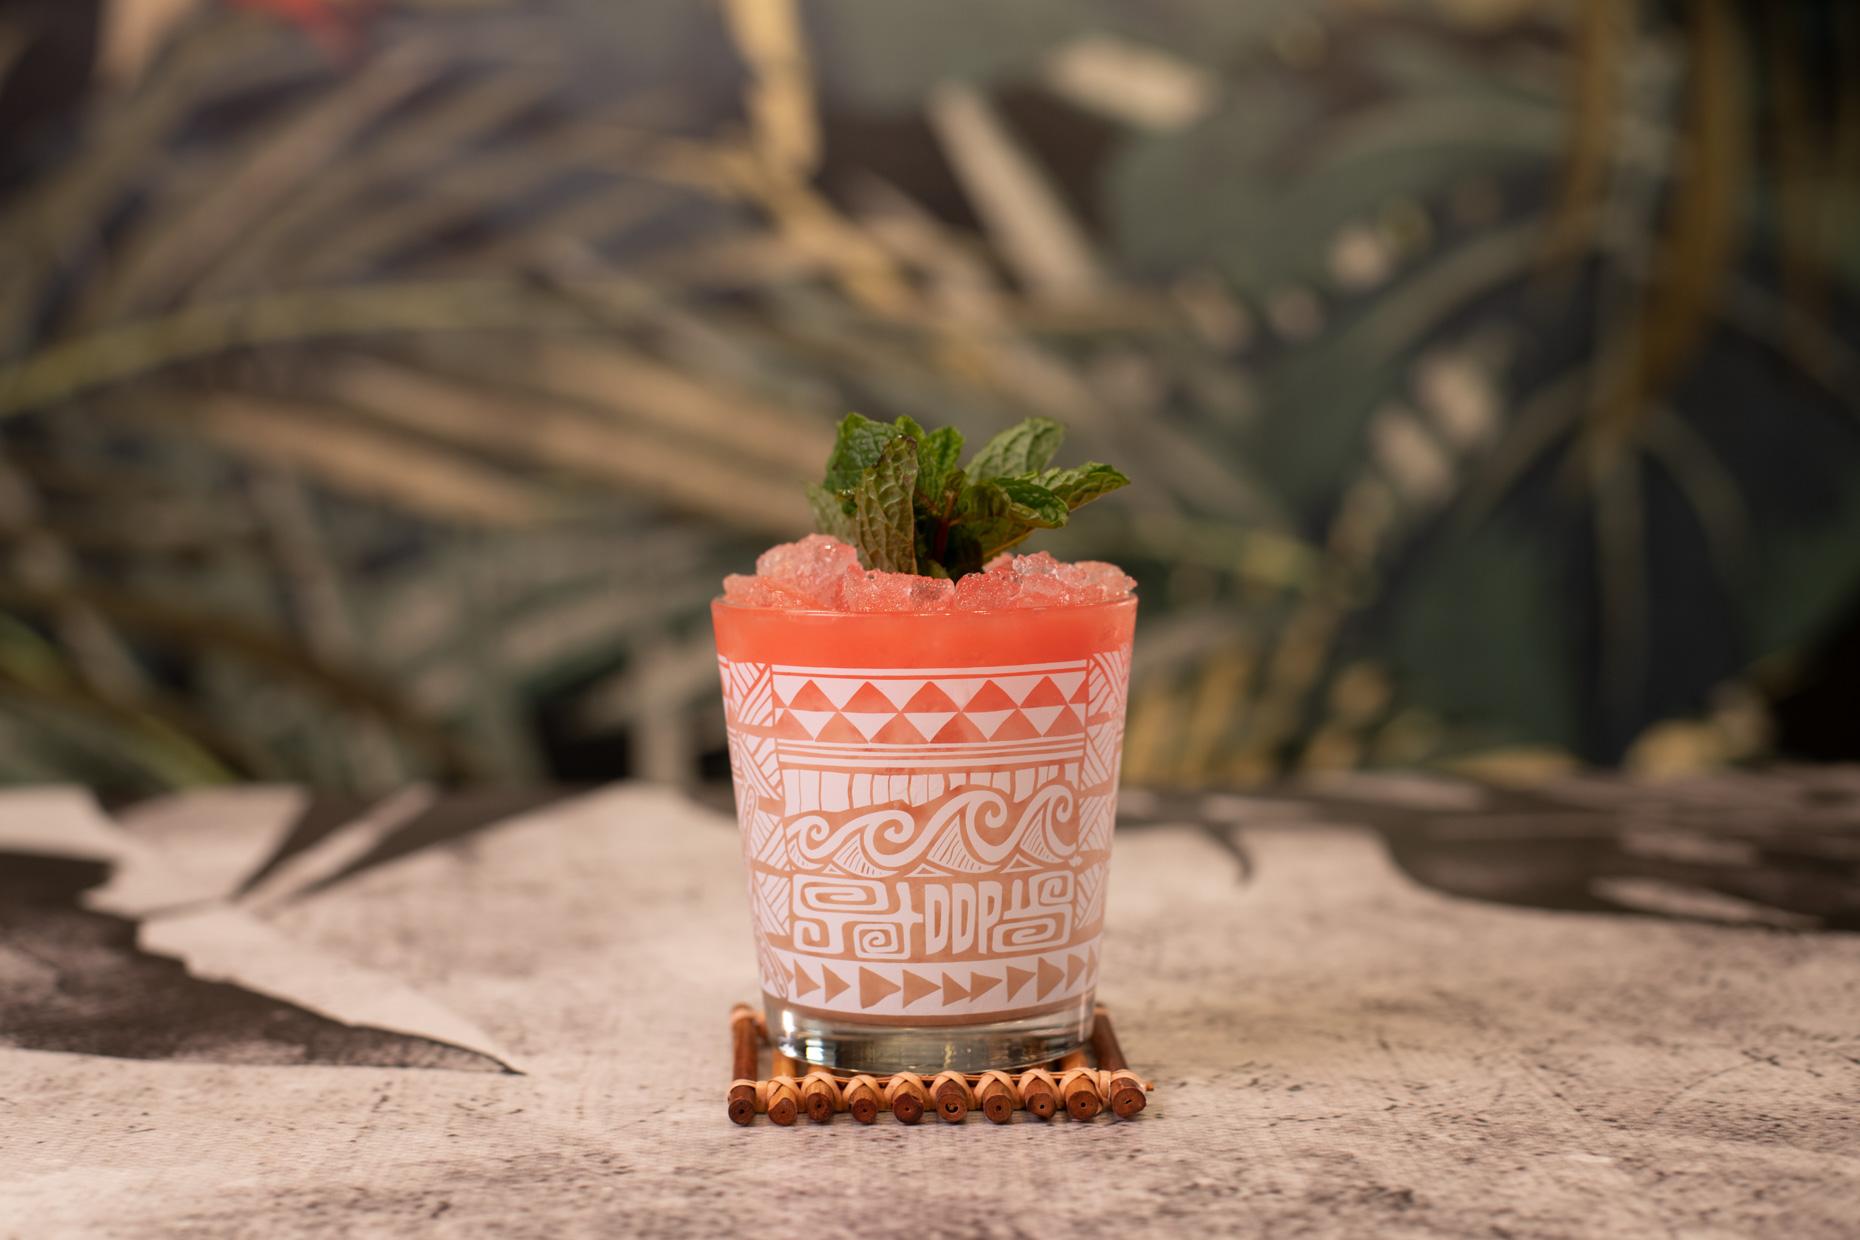 Esotico Miami Nu Mai Tai Rum Day